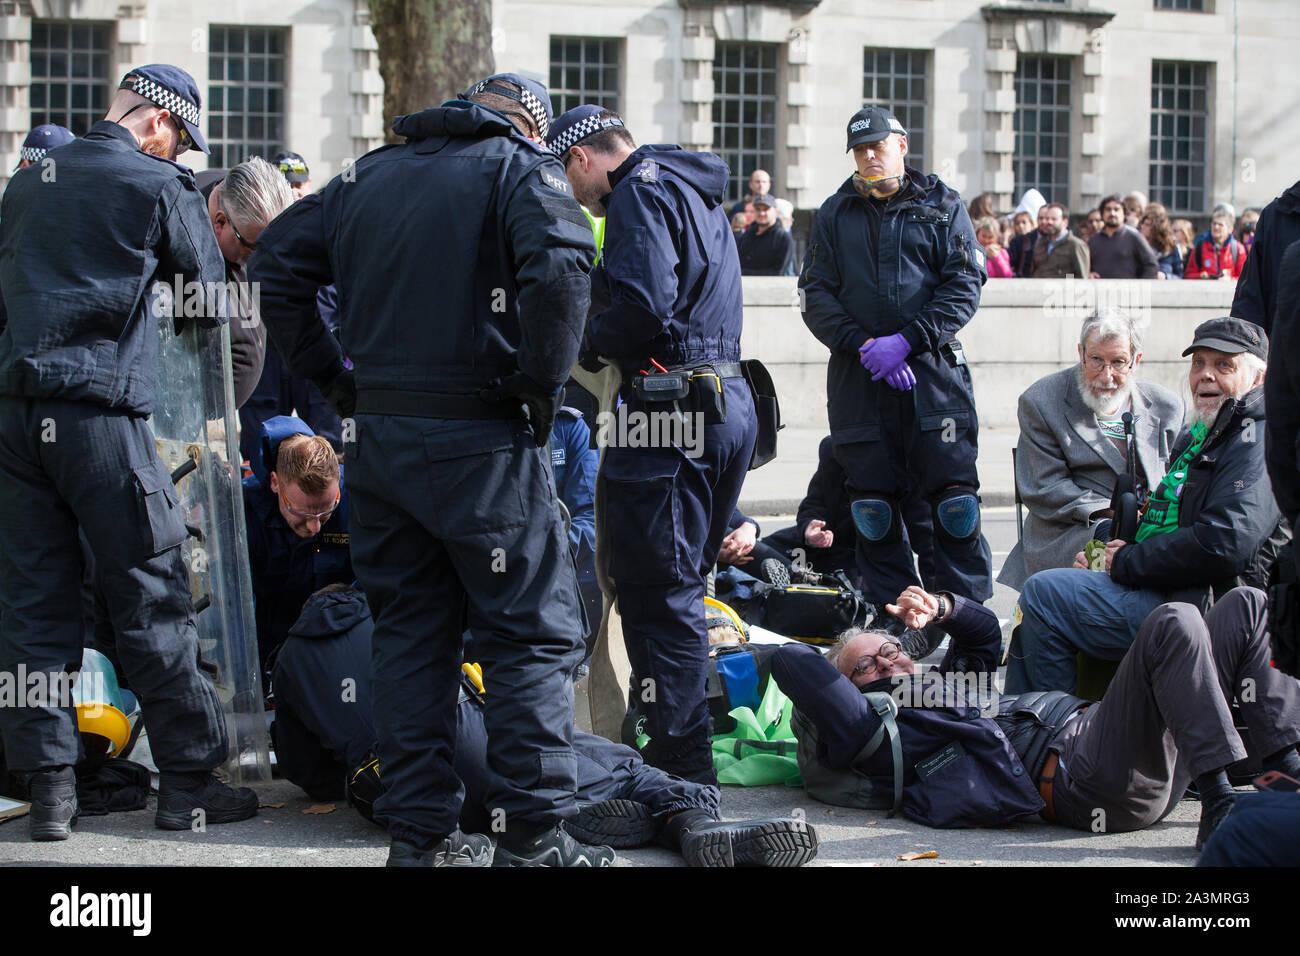 Londres, Royaume-Uni. 9 octobre, 2019. John, 91 ans, et David, un grand-père, les deux activistes du climat de l'Extinction, rébellion, attendre d'être arrêté par des policiers à l'aide de l'article 14 de la Loi sur l'ordre public de 1986 après le blocage Whitehall le troisième jour de manifestations internationales d'exiger une rébellion Déclaration gouvernementale d'un climat et d'urgence écologique, un engagement à enrayer la perte de biodiversité et la consommation énergétique nette zéro émissions de carbone en 2025 et pour le gouvernement de créer et d'être entraîné par les décisions d'une assemblée de citoyens sur le climat et la justice écologique. Credit: Mark Kerrison/Alamy Live News Banque D'Images